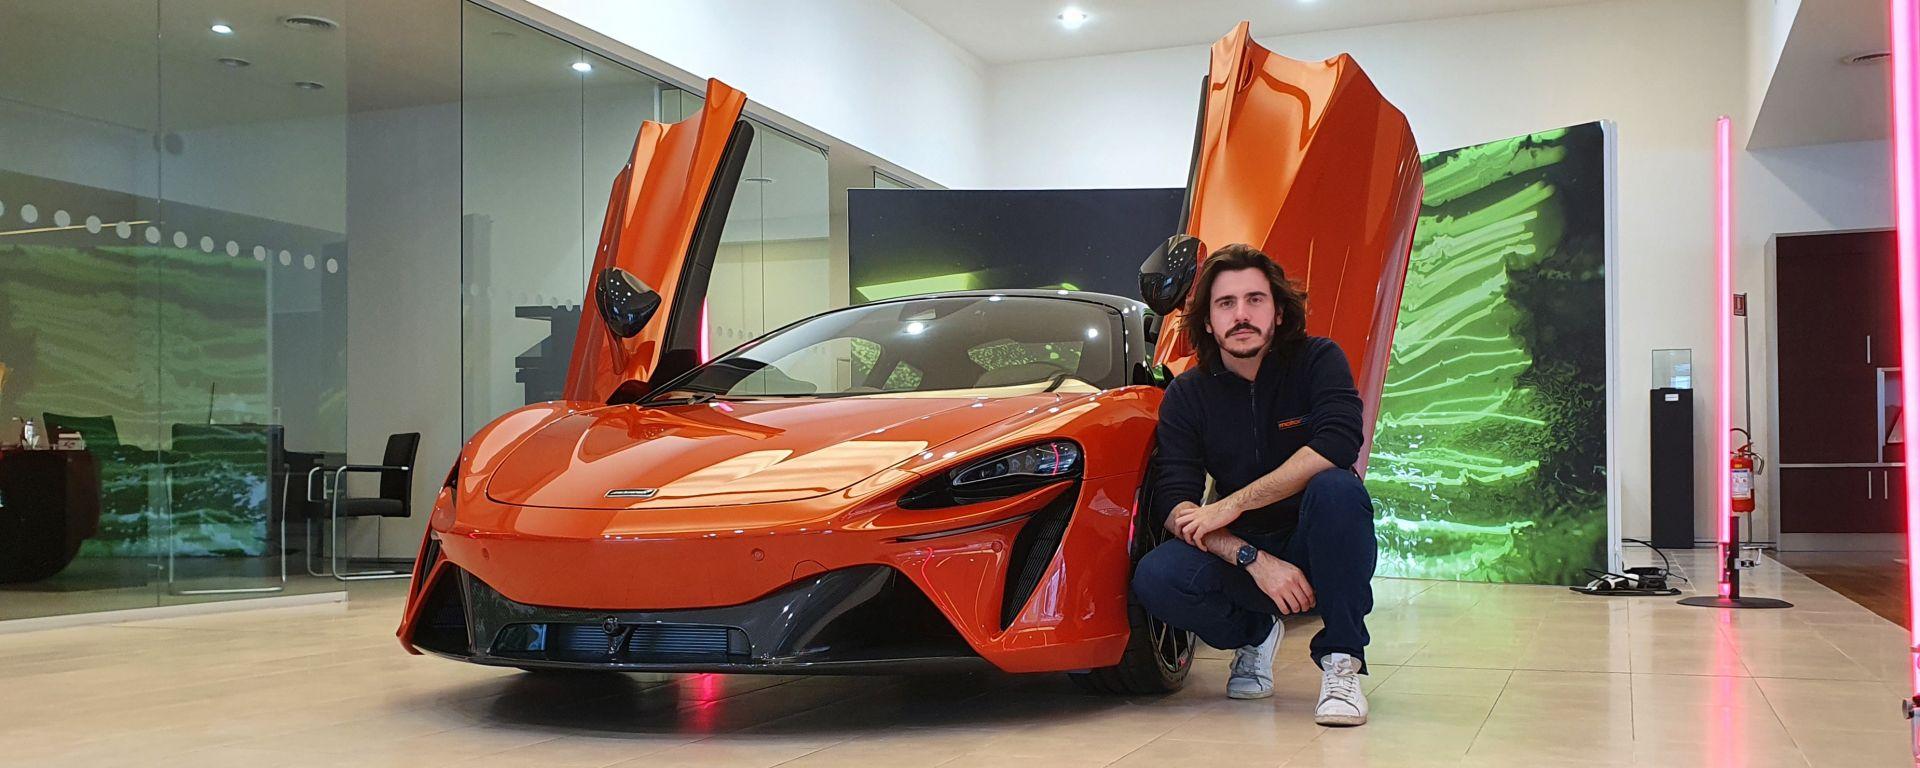 McLaren Artura: il mix tra arte e futuro in video